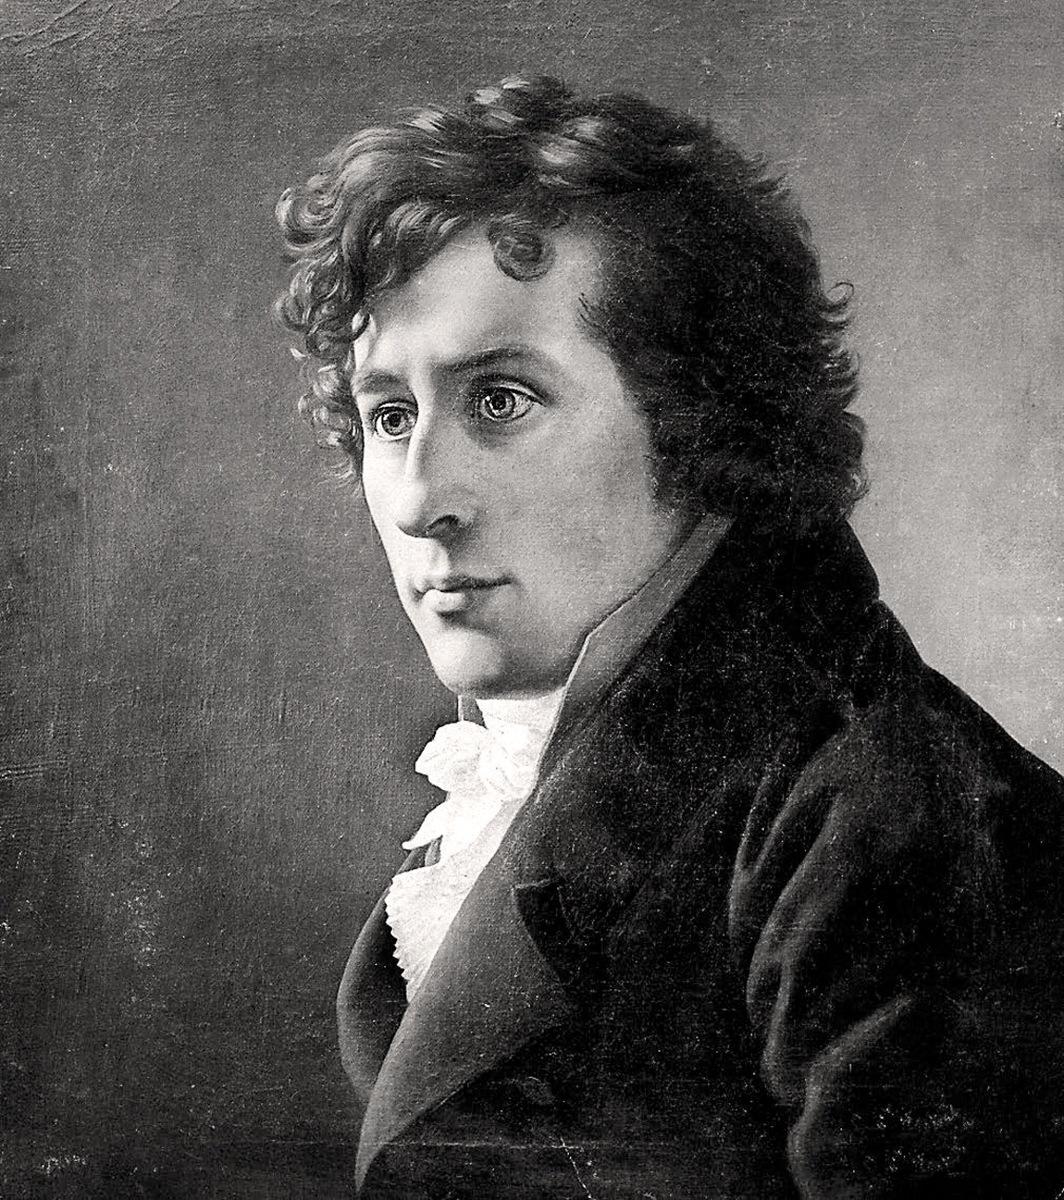 J.C. Dahl di C.W Eckersberg, 1818